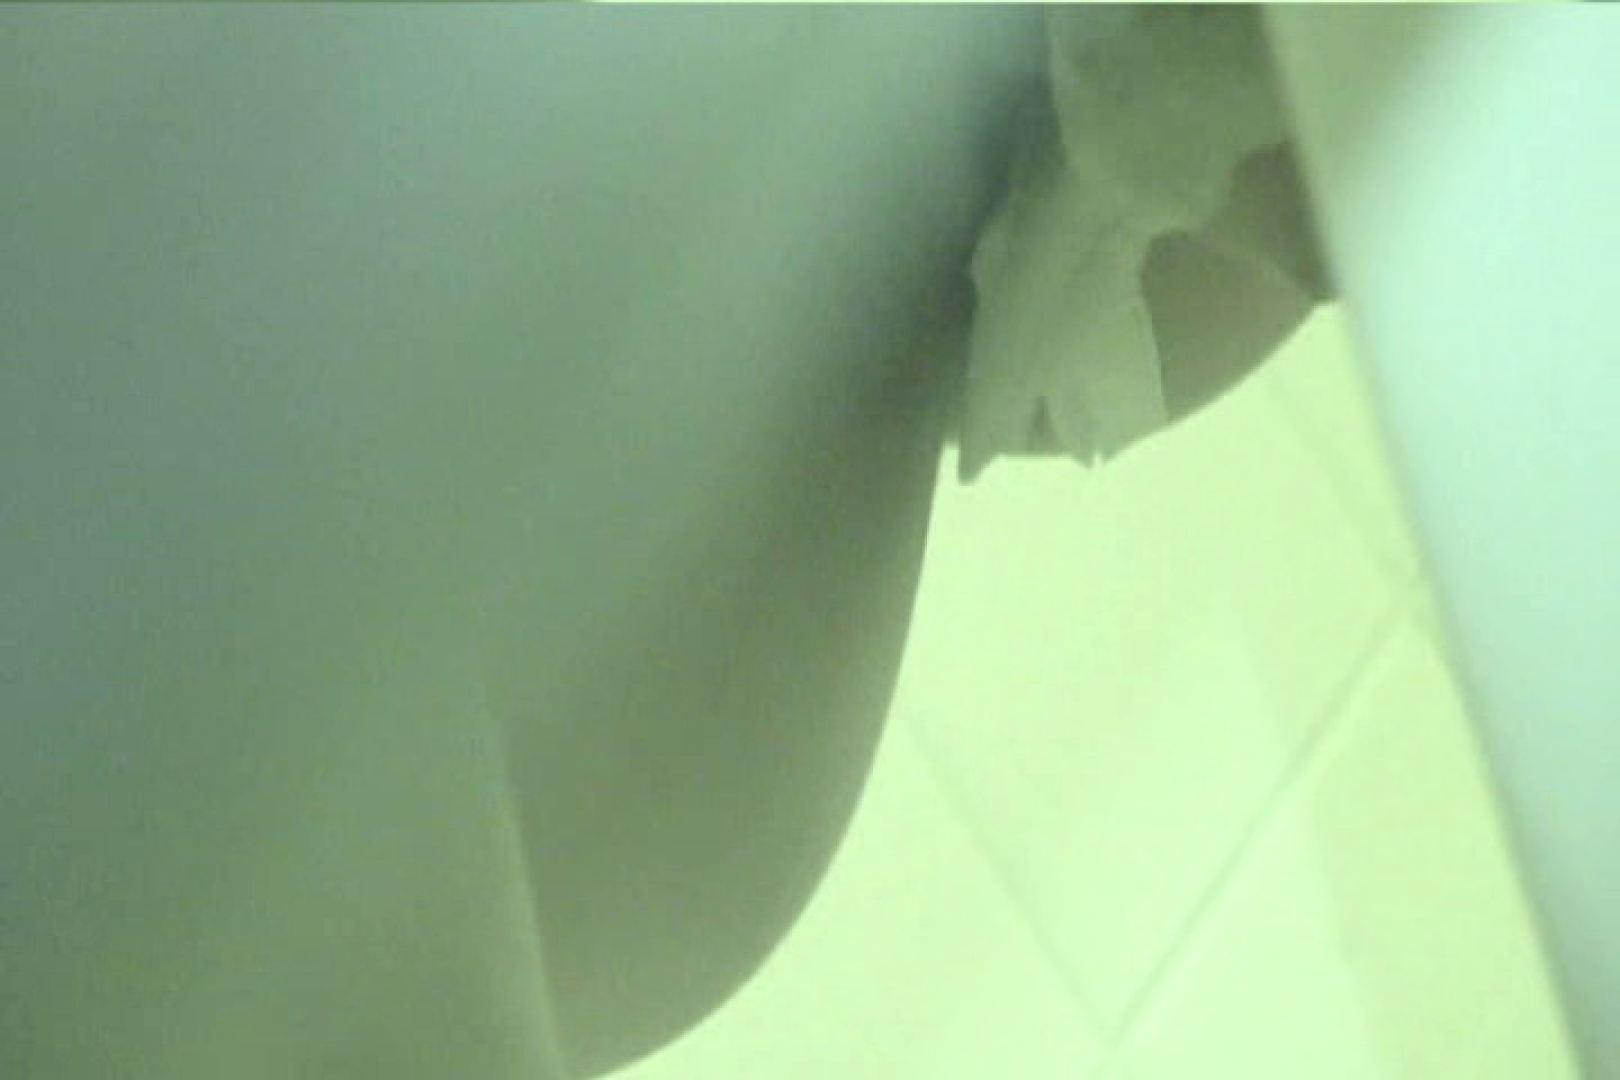 マンコ丸見え女子洗面所Vol.34 洗面所突入   マンコ・ムレムレ  76pic 26